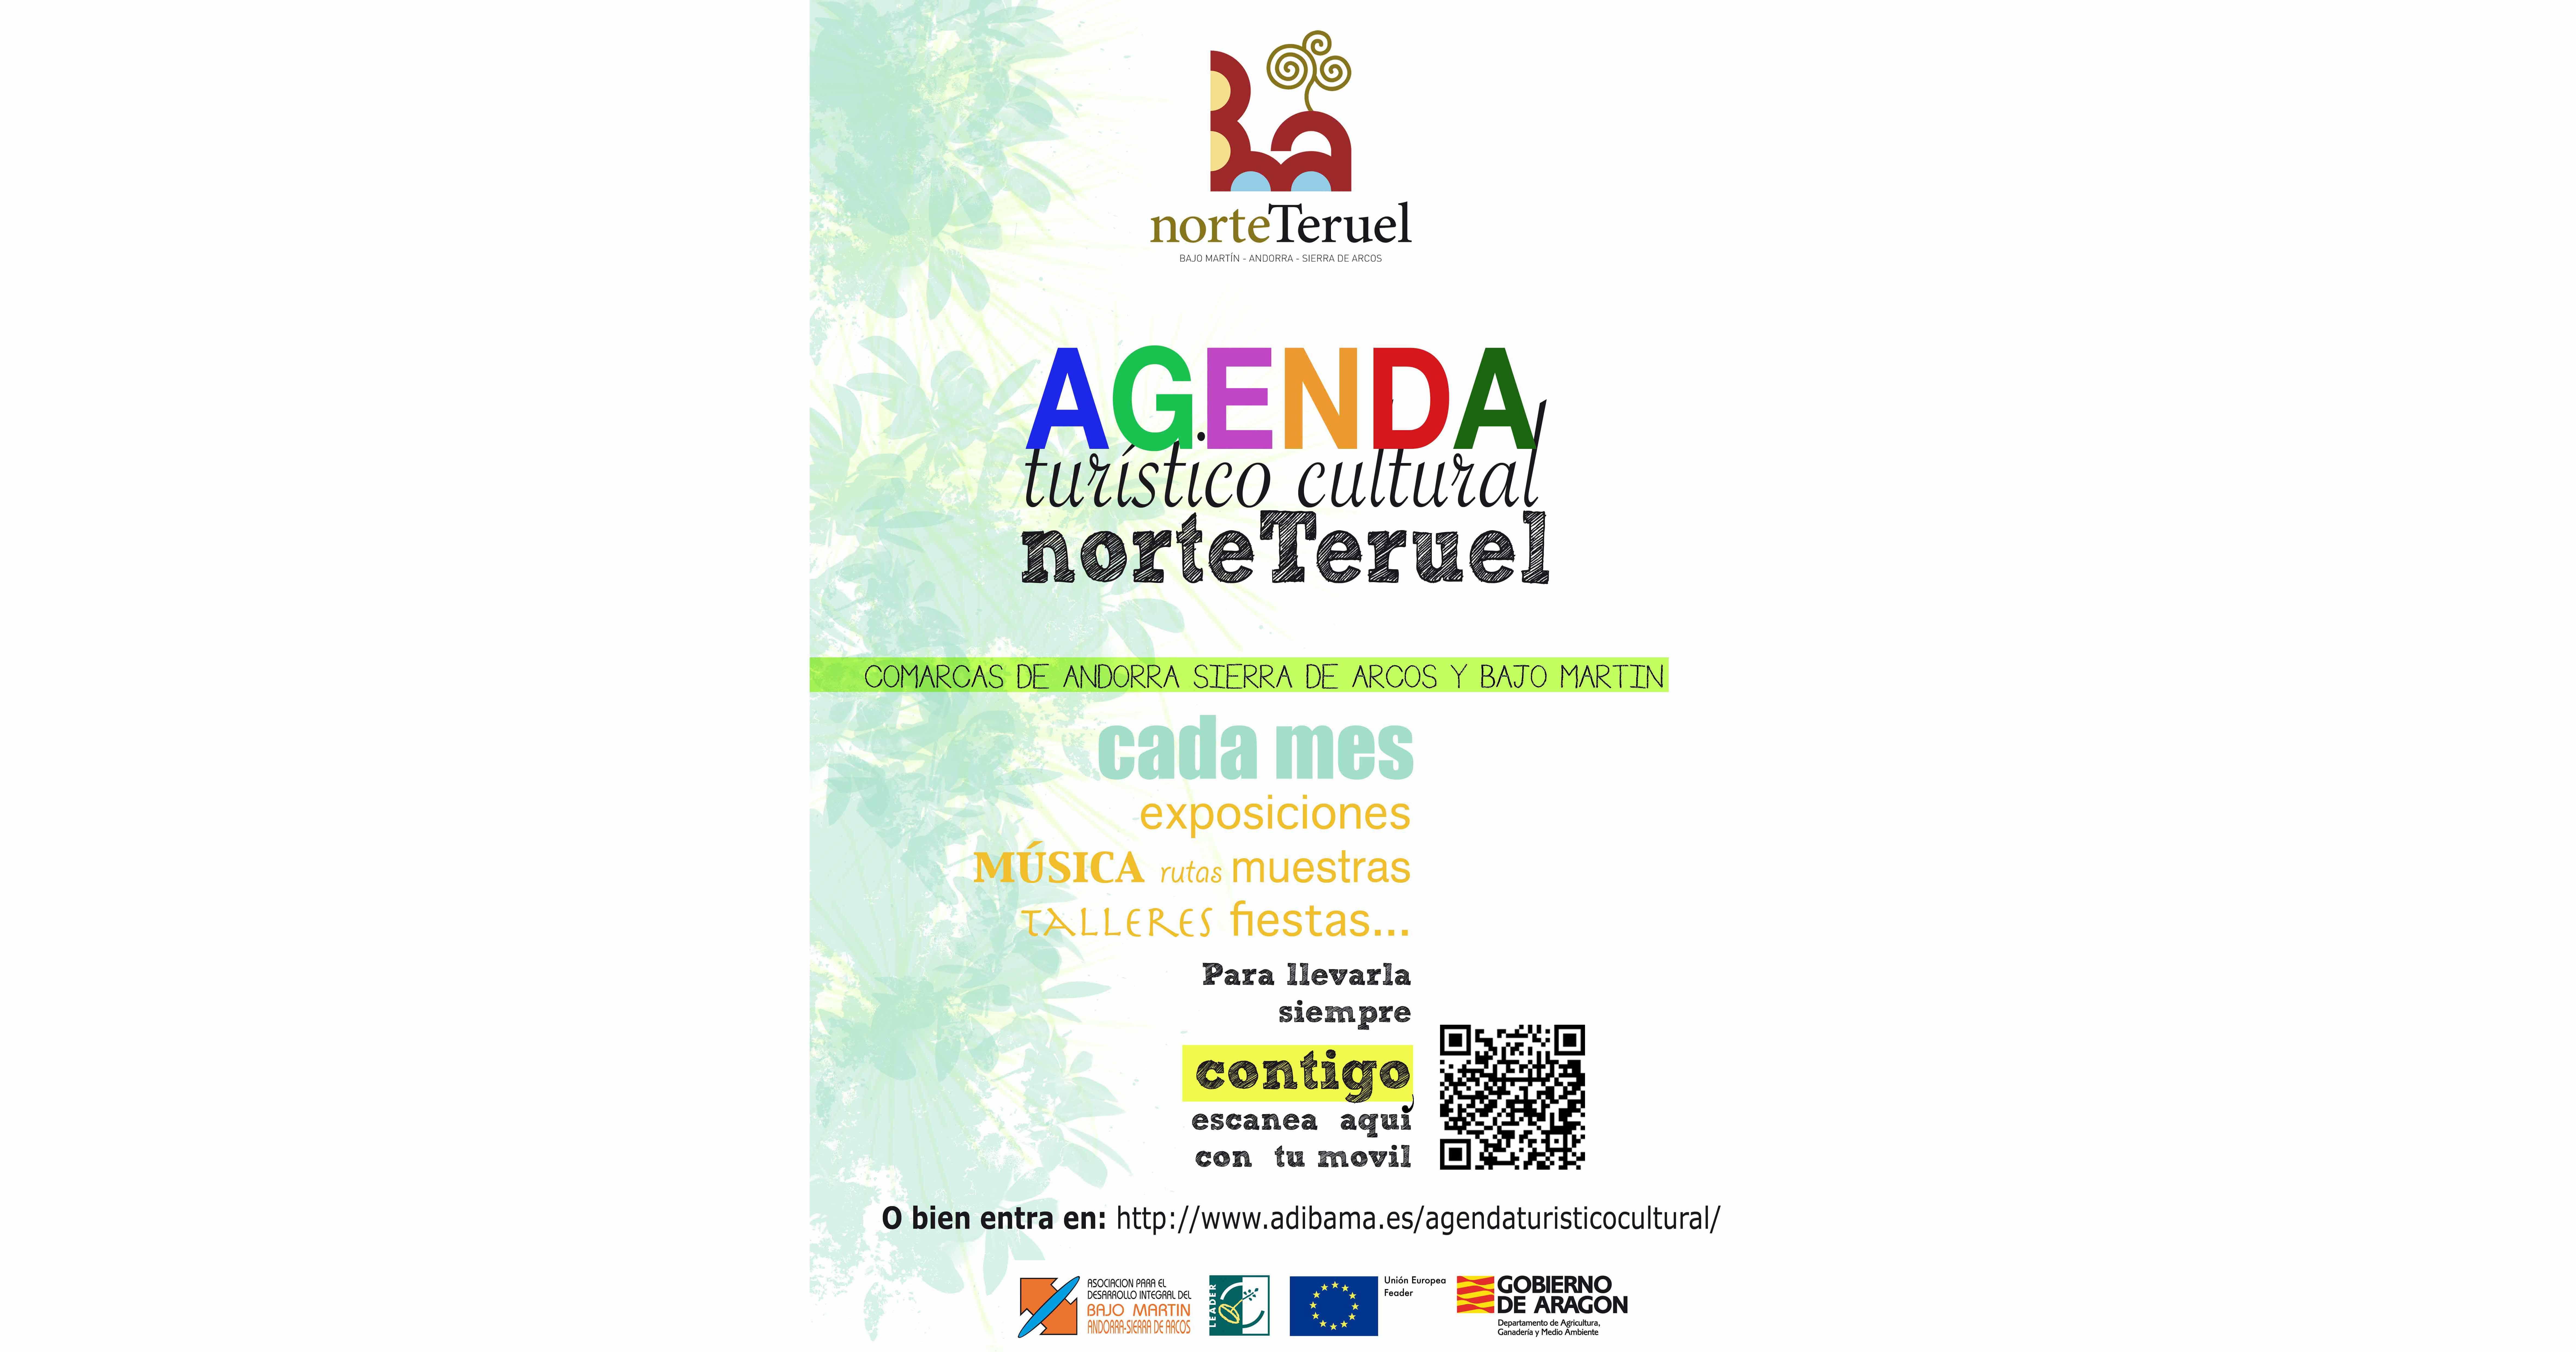 Agenda digital que recoge todas las propuestas turísticas y culturales que se llevan a cabo en norteTeruel desde las diferentes instituciones (comarcas, ayuntamientos, asociaciones,…) así como las actividades promovidas por […]